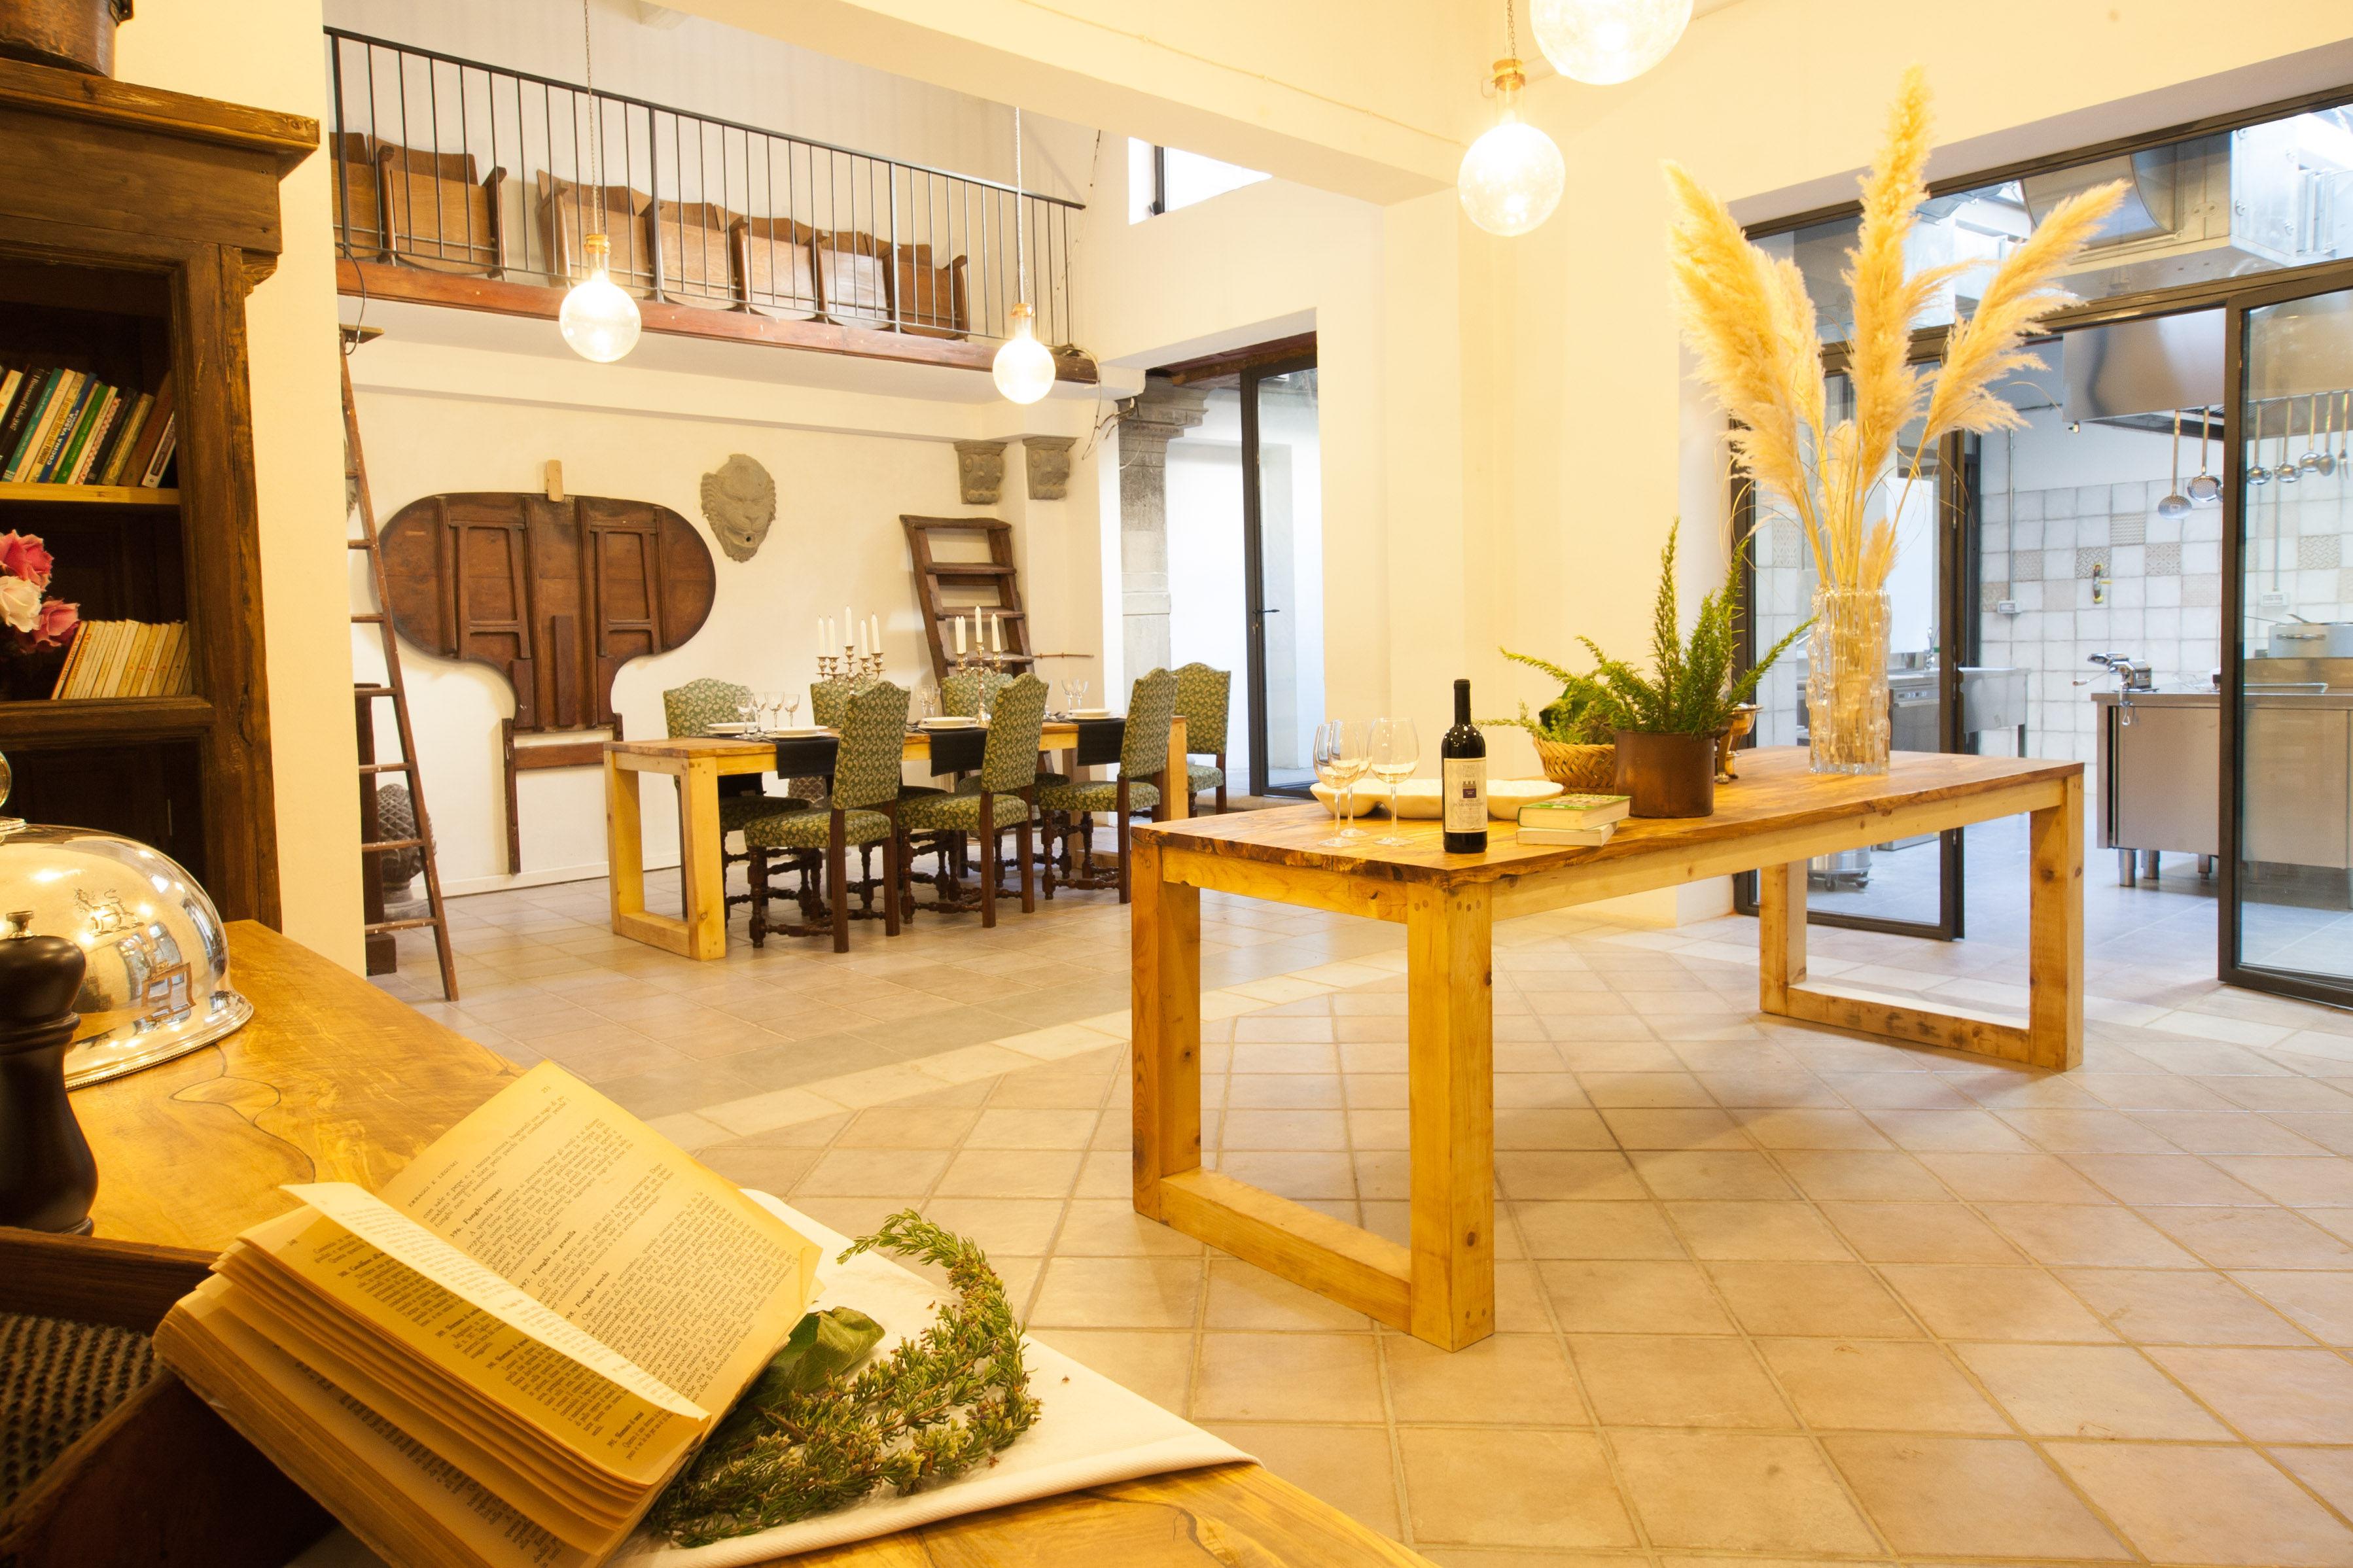 Alce Luzzara Reggio Emilia florence food studio - book online - cookly